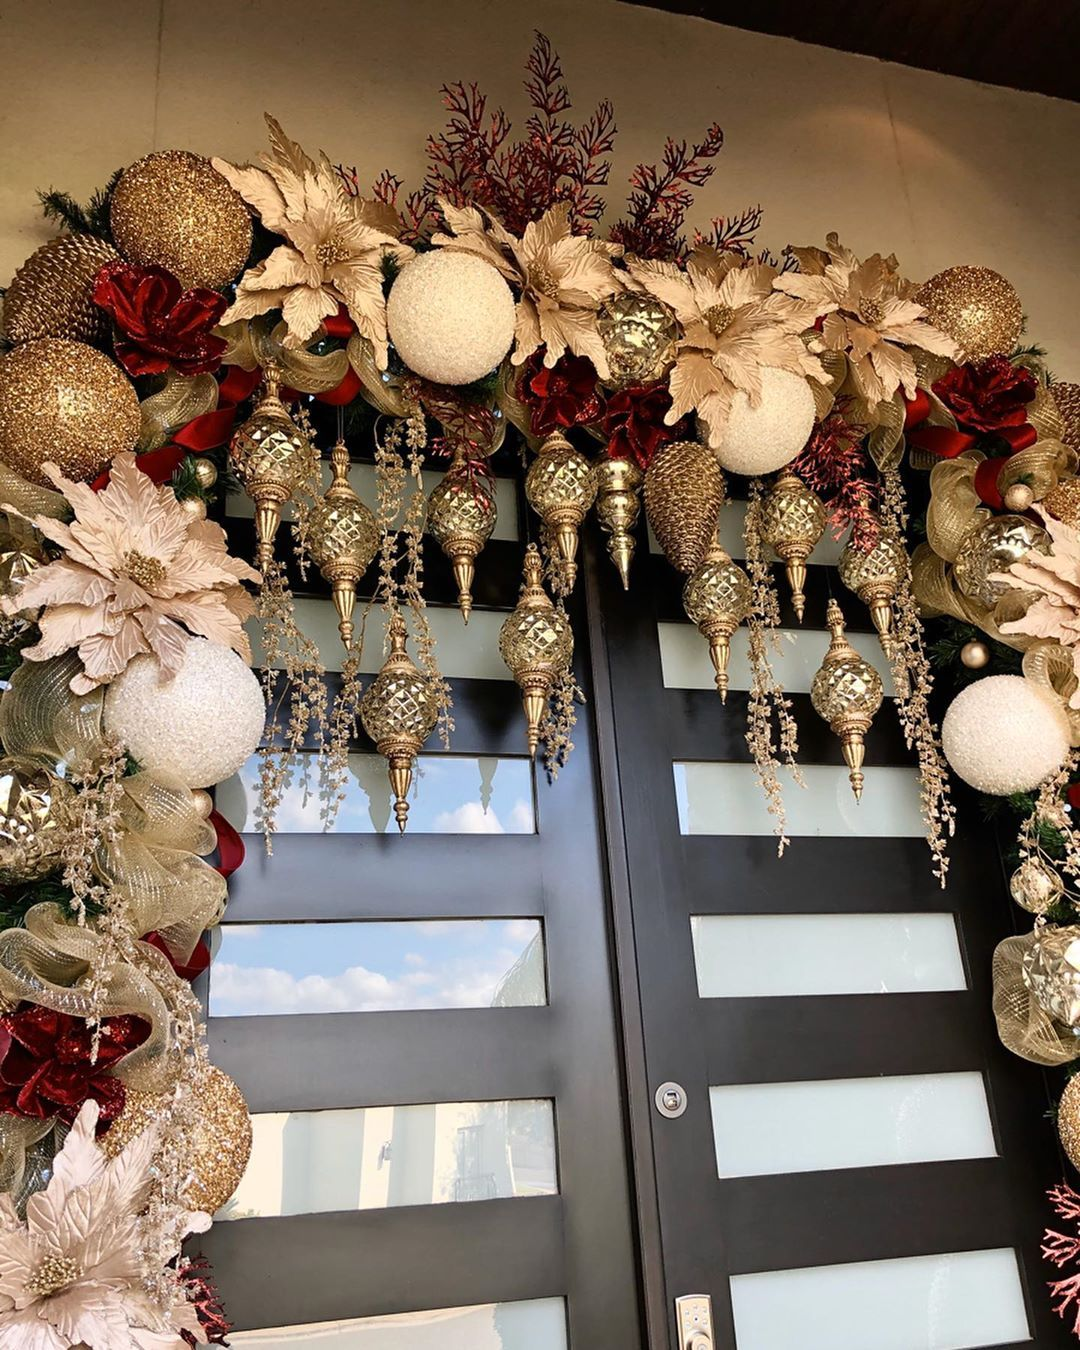 Como Decorar El Frente De Mi Casa En Navidad Decoracion Navidena Para Puertas Decoracion De Puertas Navidenas Puertas Decoradas De Navidad Decoracion De Unas